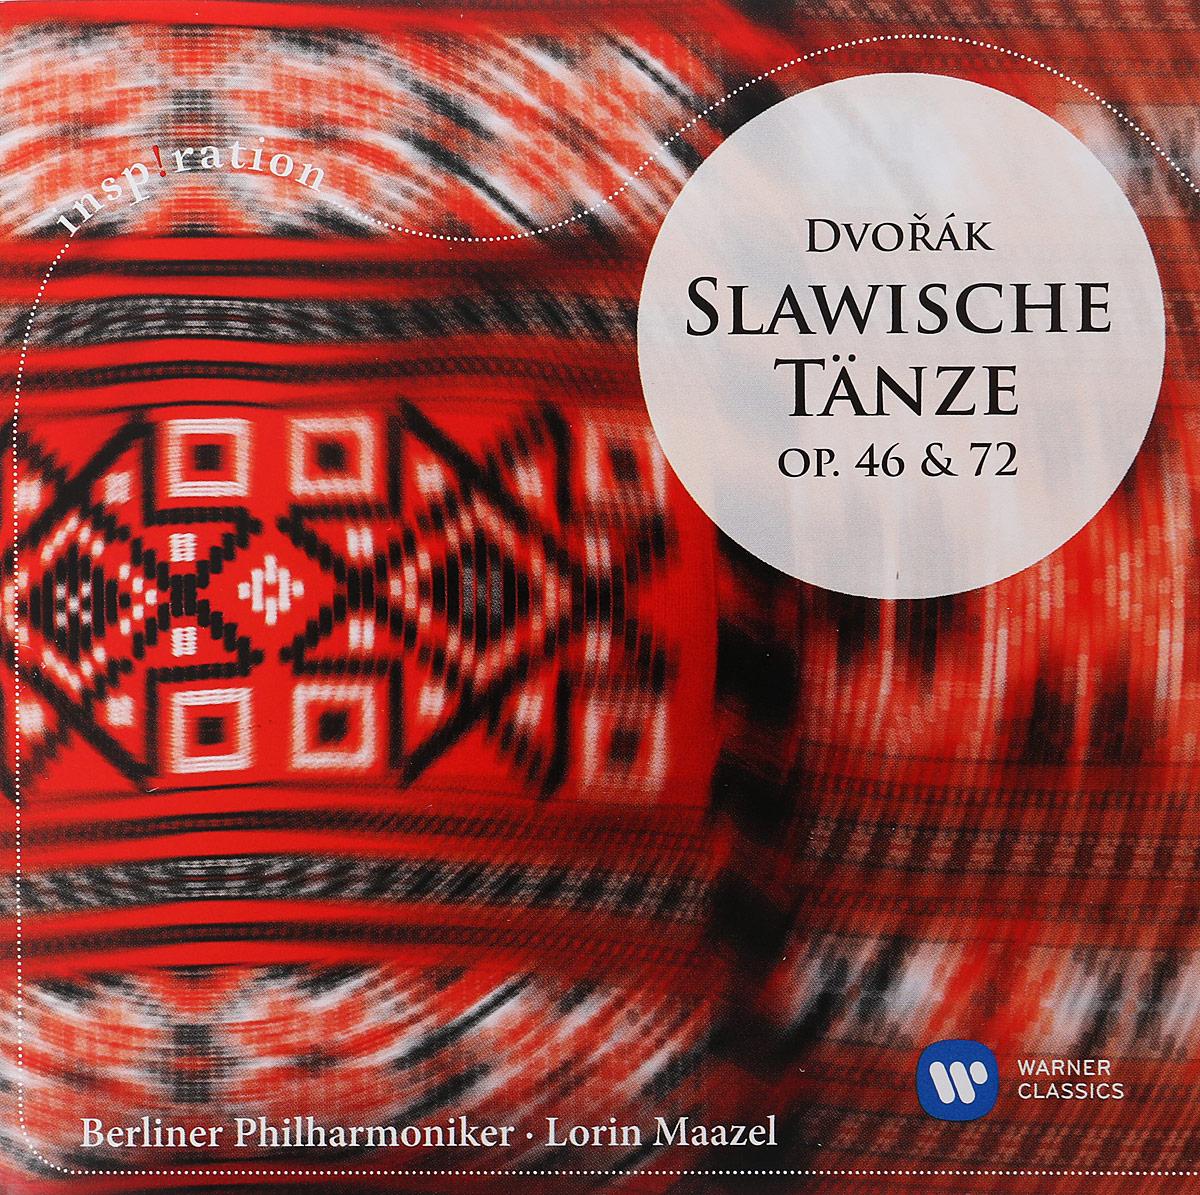 Dvorak. Slawische Tanze. Op. 46 & 72 a von zemlinsky landliche tanze op 1